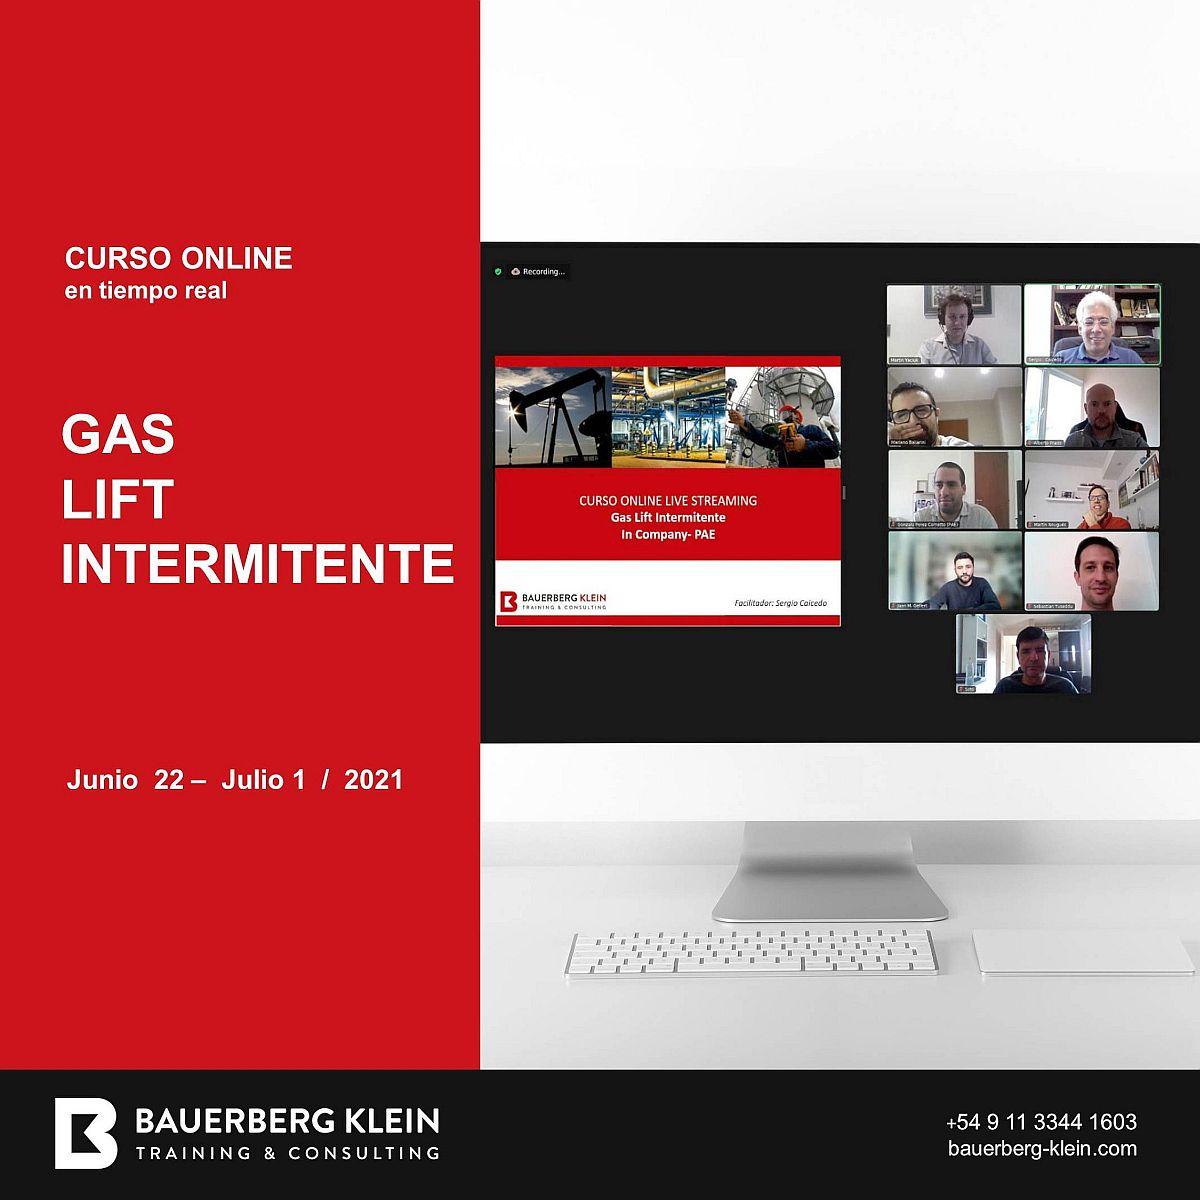 Gas Lift Intermitente